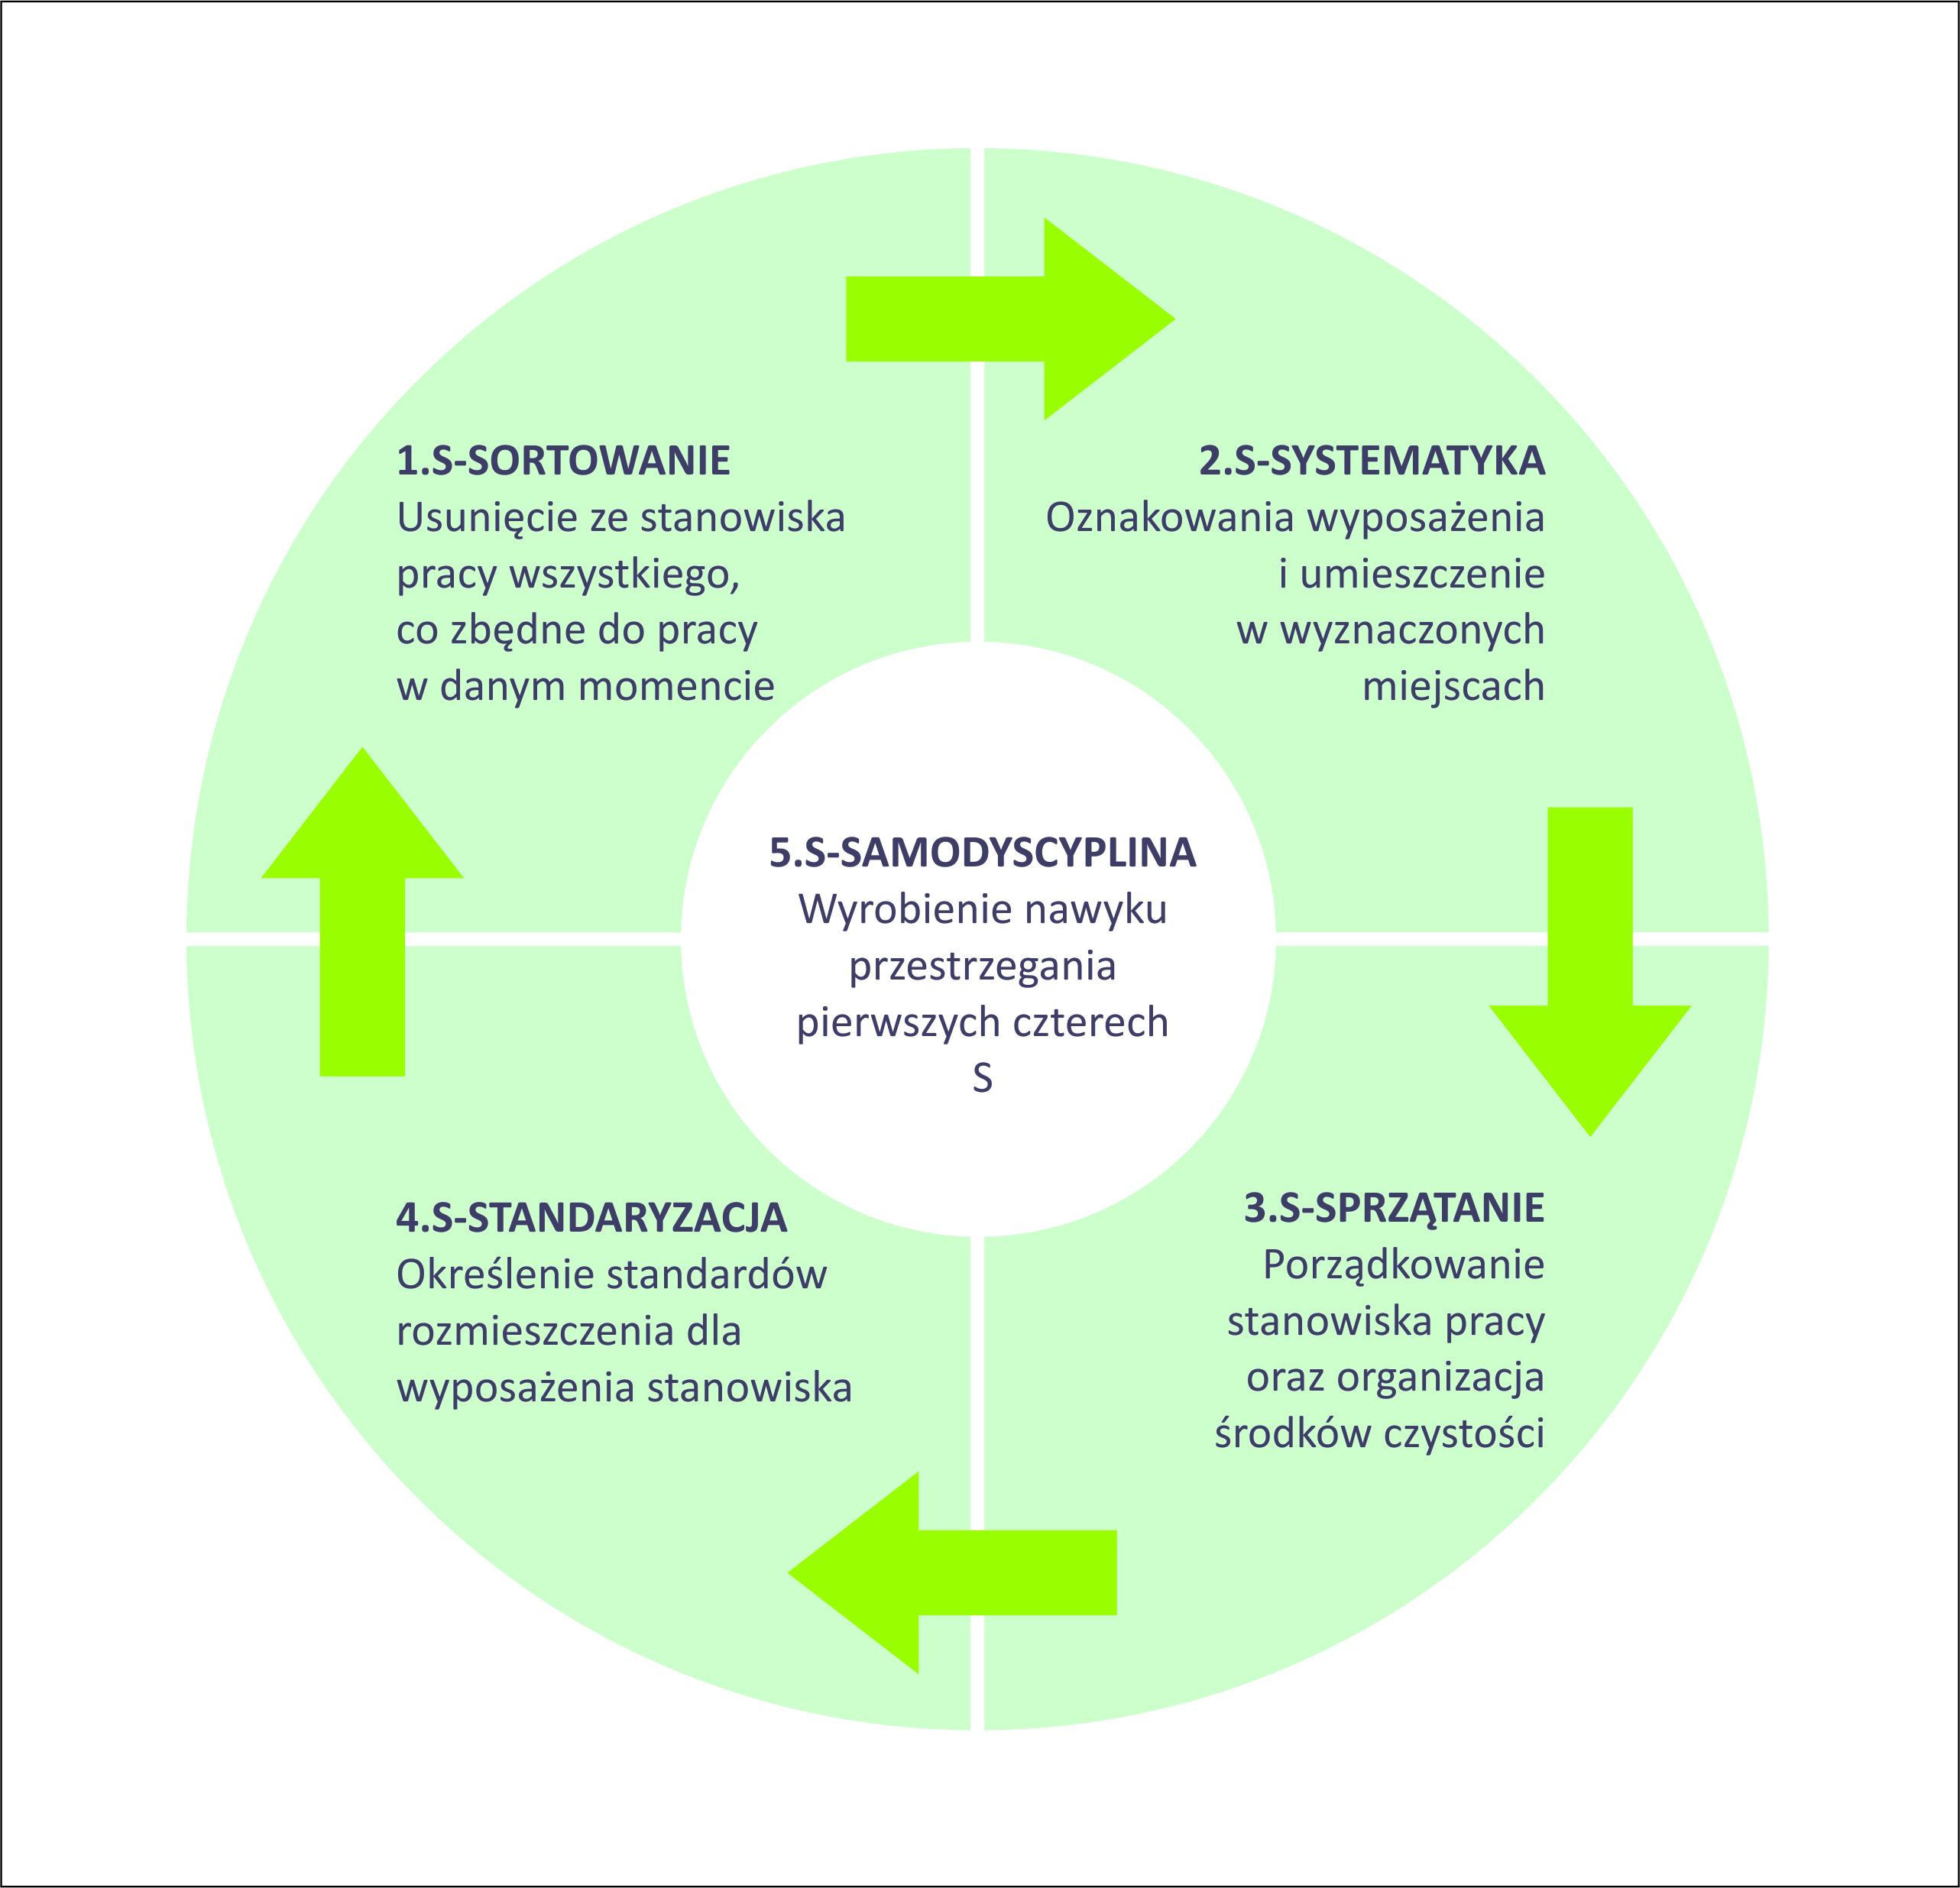 Wdrożenie systemu 5S na produkcji i biurze - Lean Action Plan